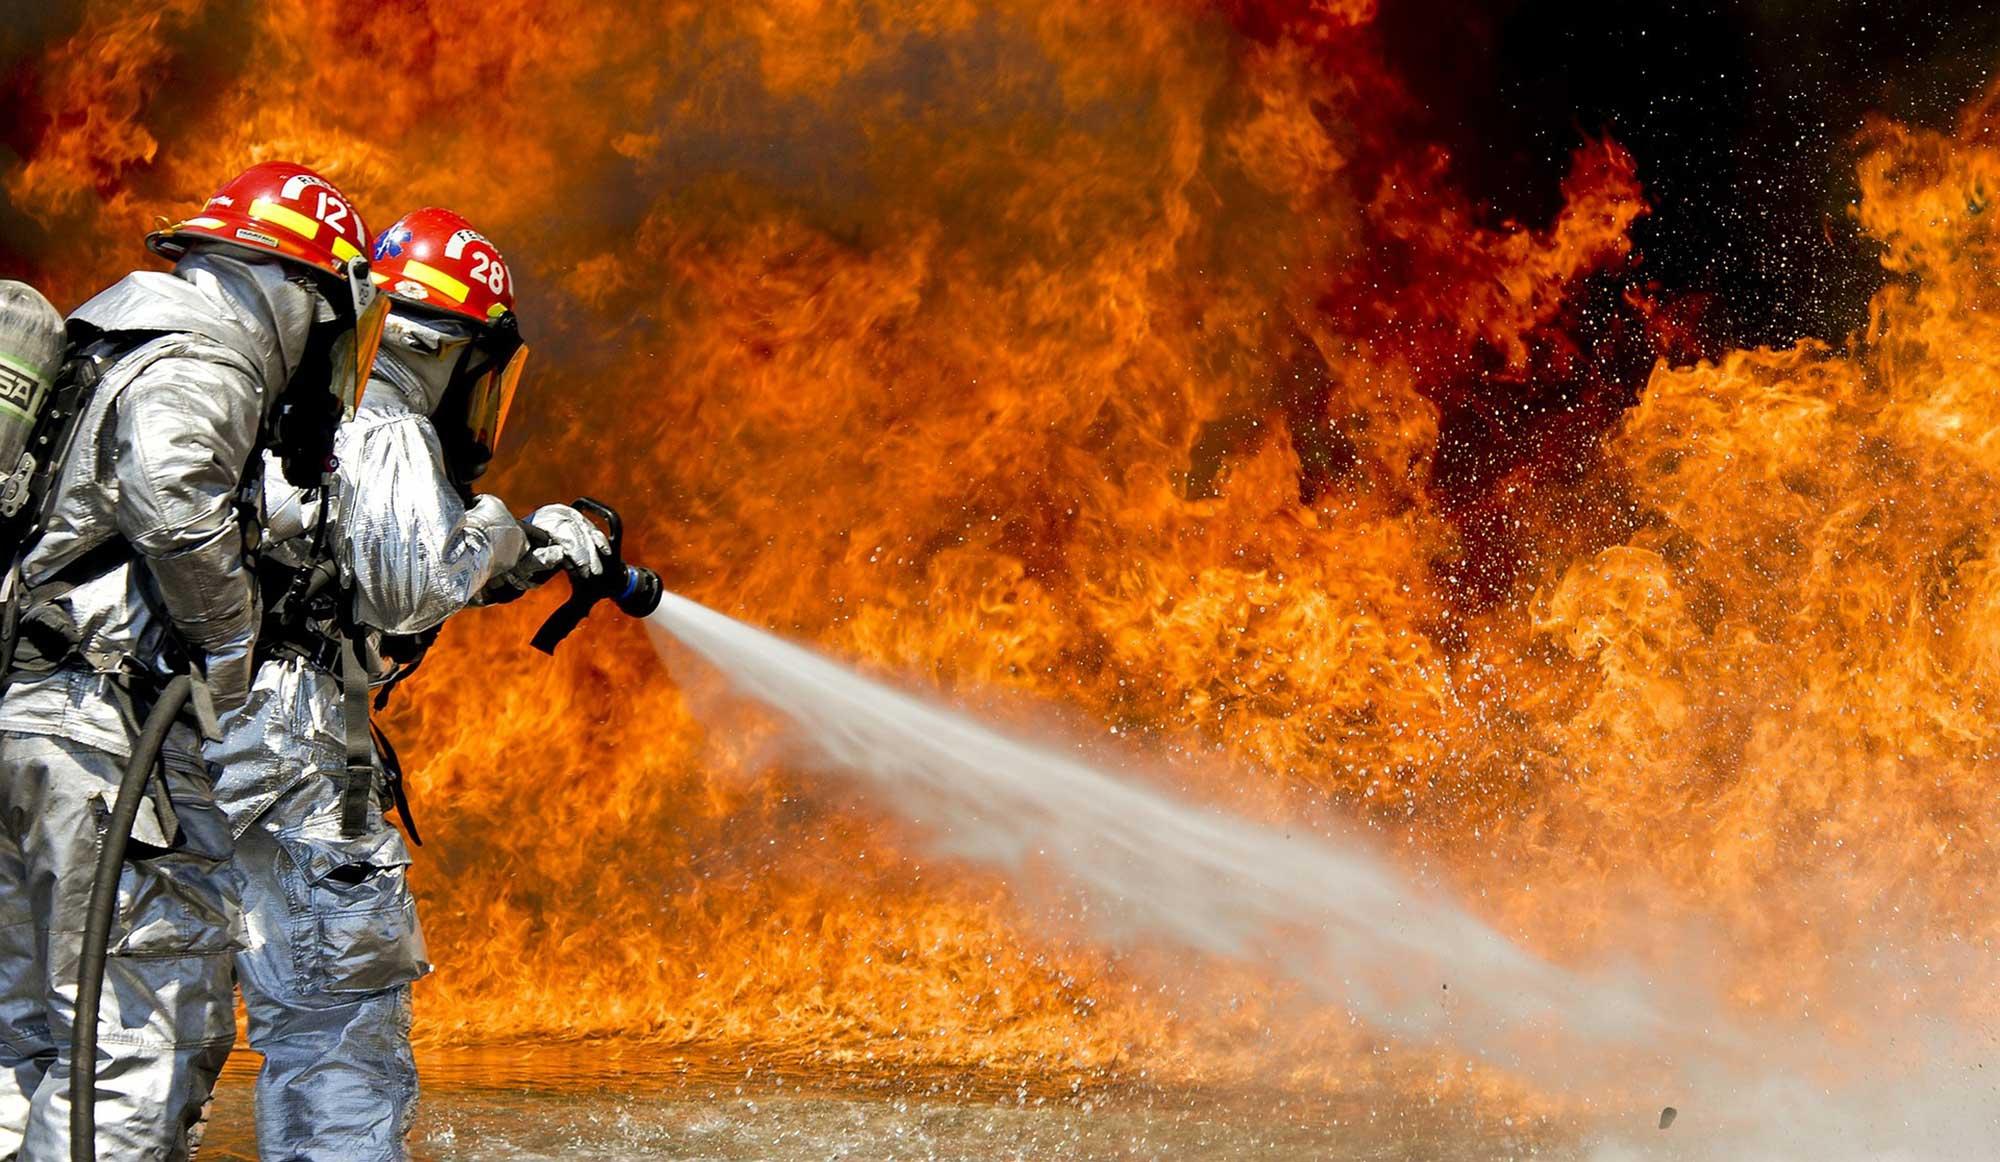 ヒーター故障で火事にならないように